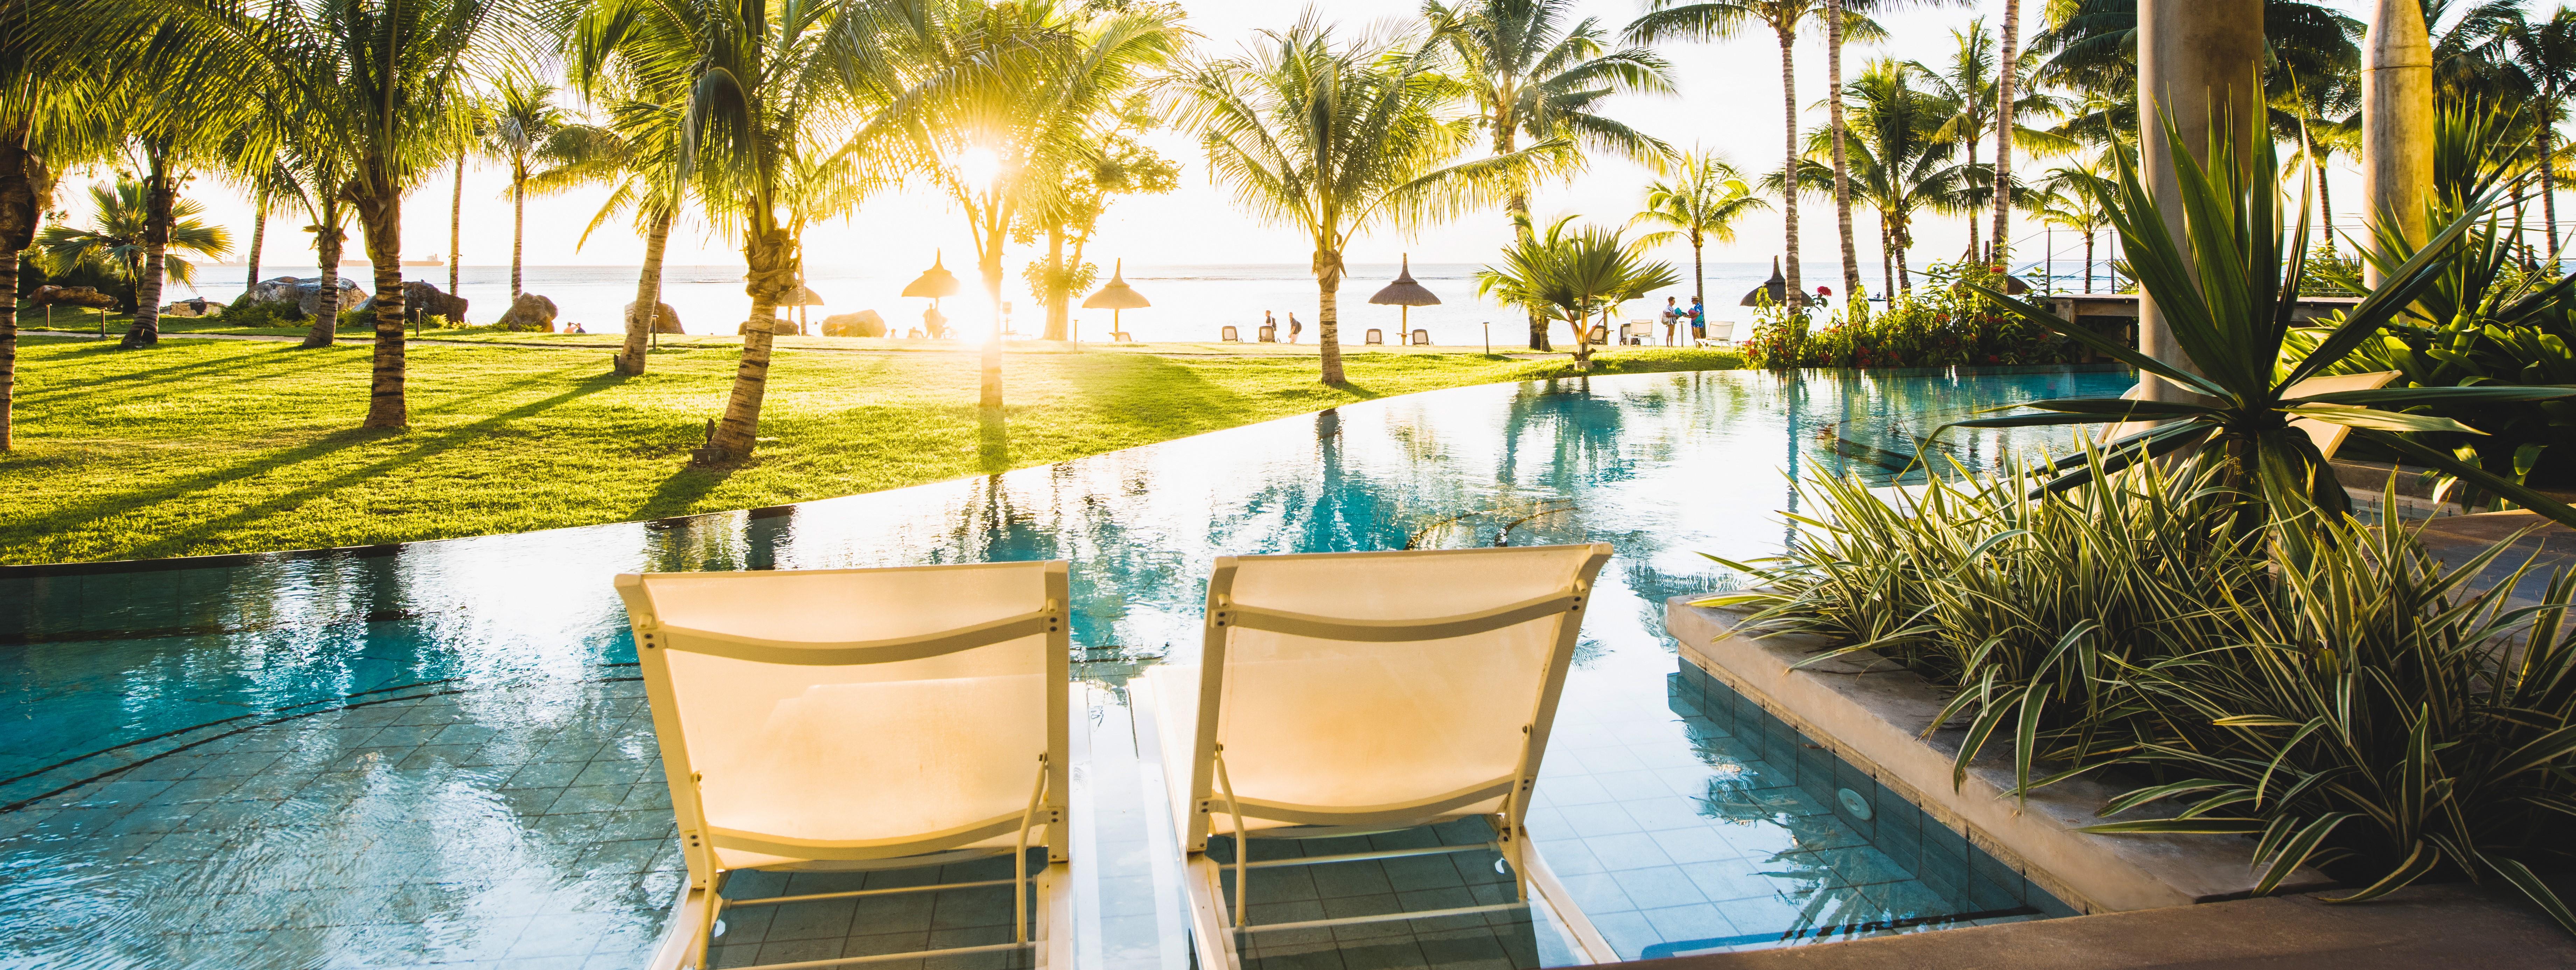 victoria-mauritius-swim-up-room-terrace.